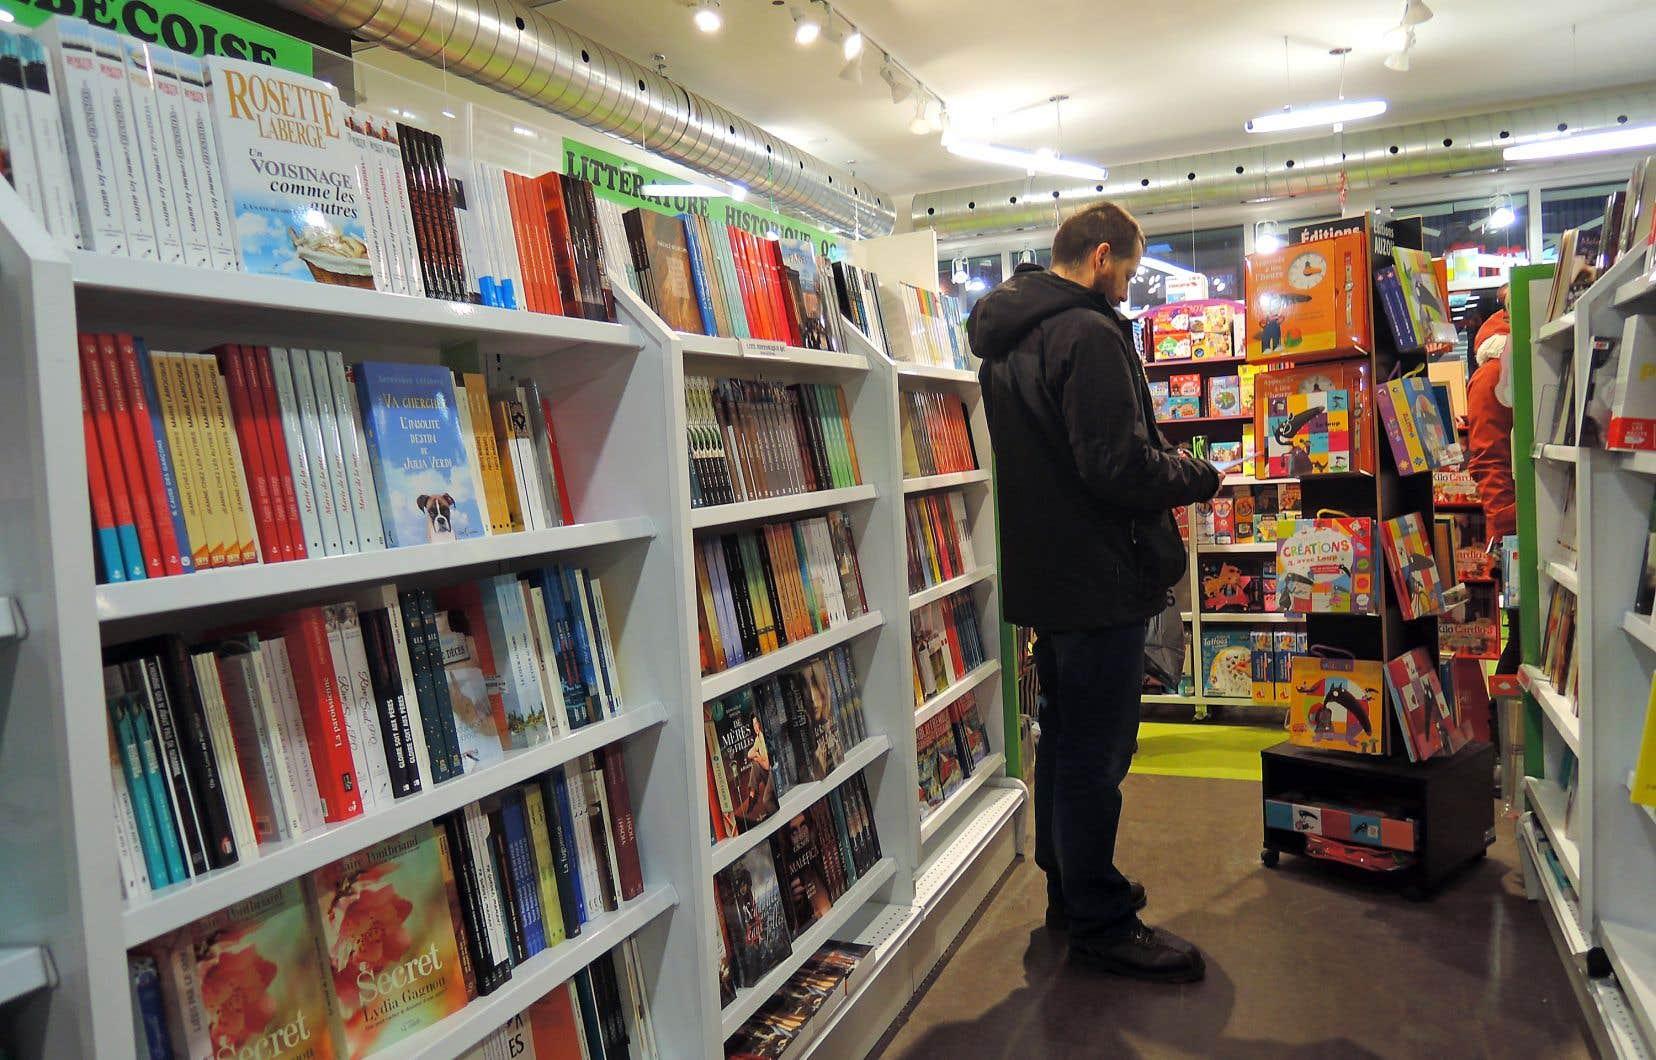 Le livre québécois continue essentiellement de se vendre de manière traditionnelle, en passant par les bonnes vieilles caisses enregistreuses.